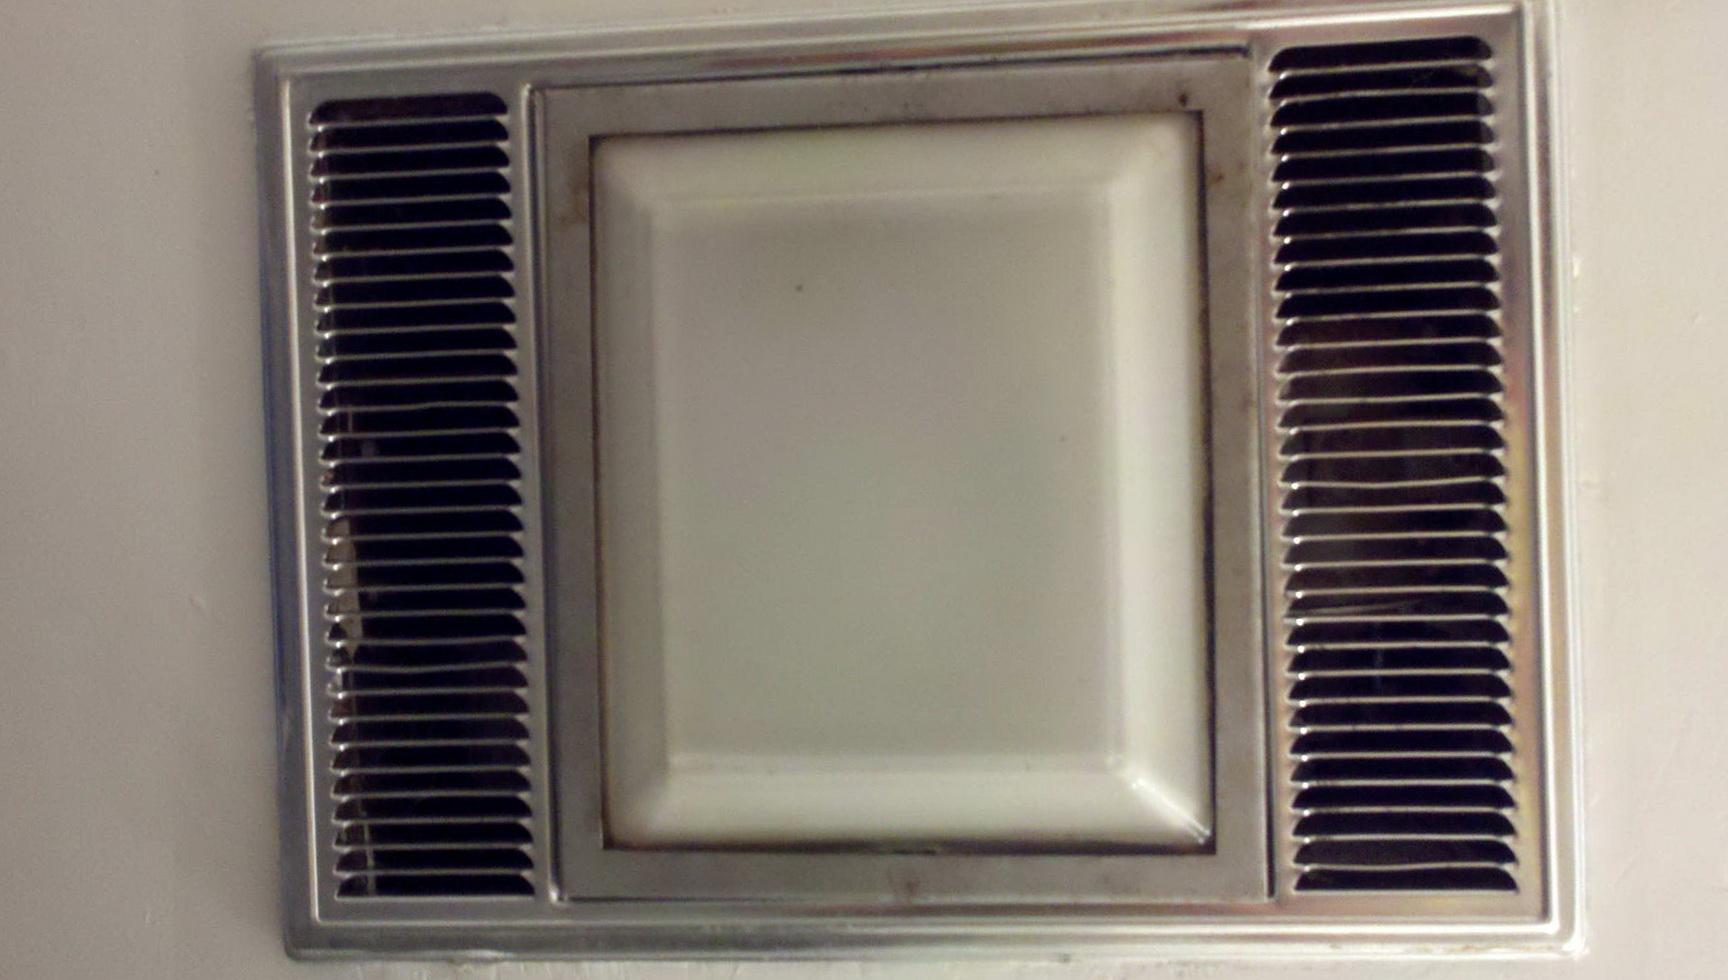 Old Broan Bathroom Fan